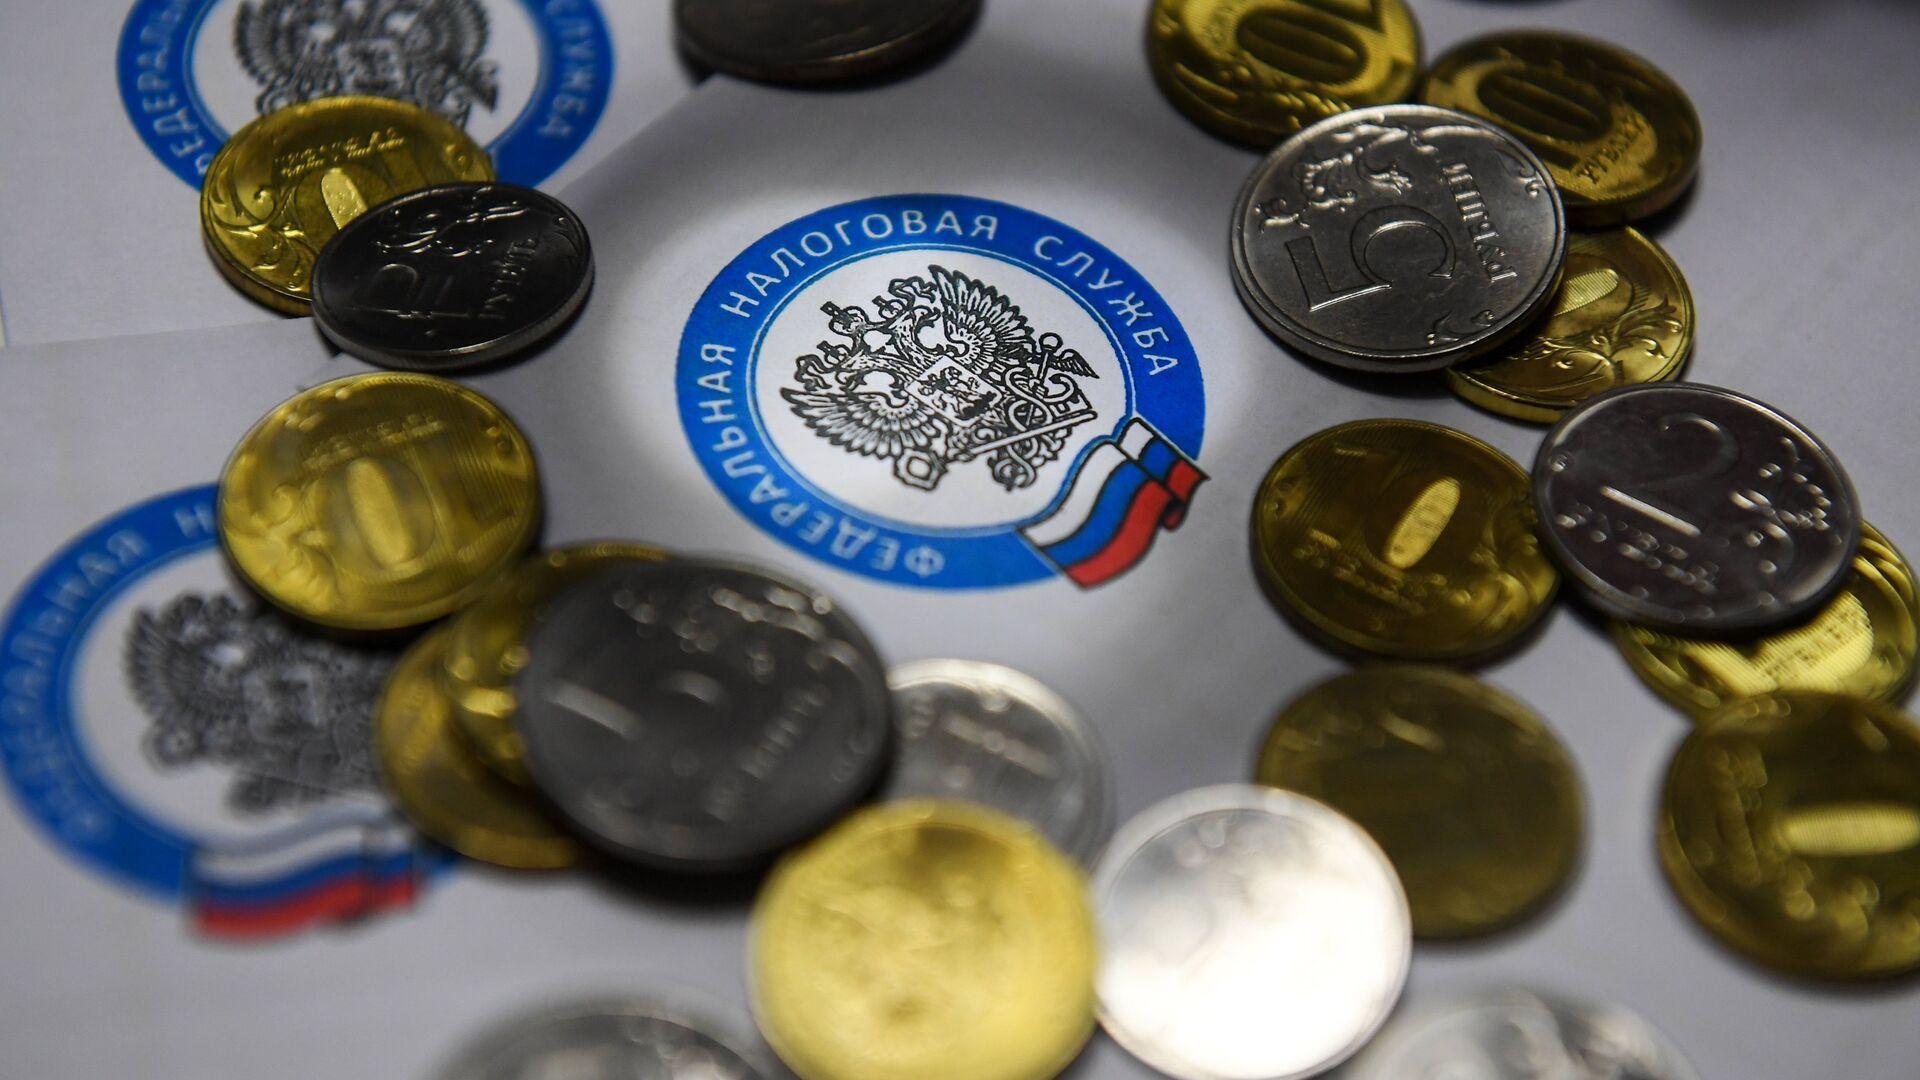 Монеты России и конверты с логотипом ФНС РФ - РИА Новости, 1920, 21.05.2021